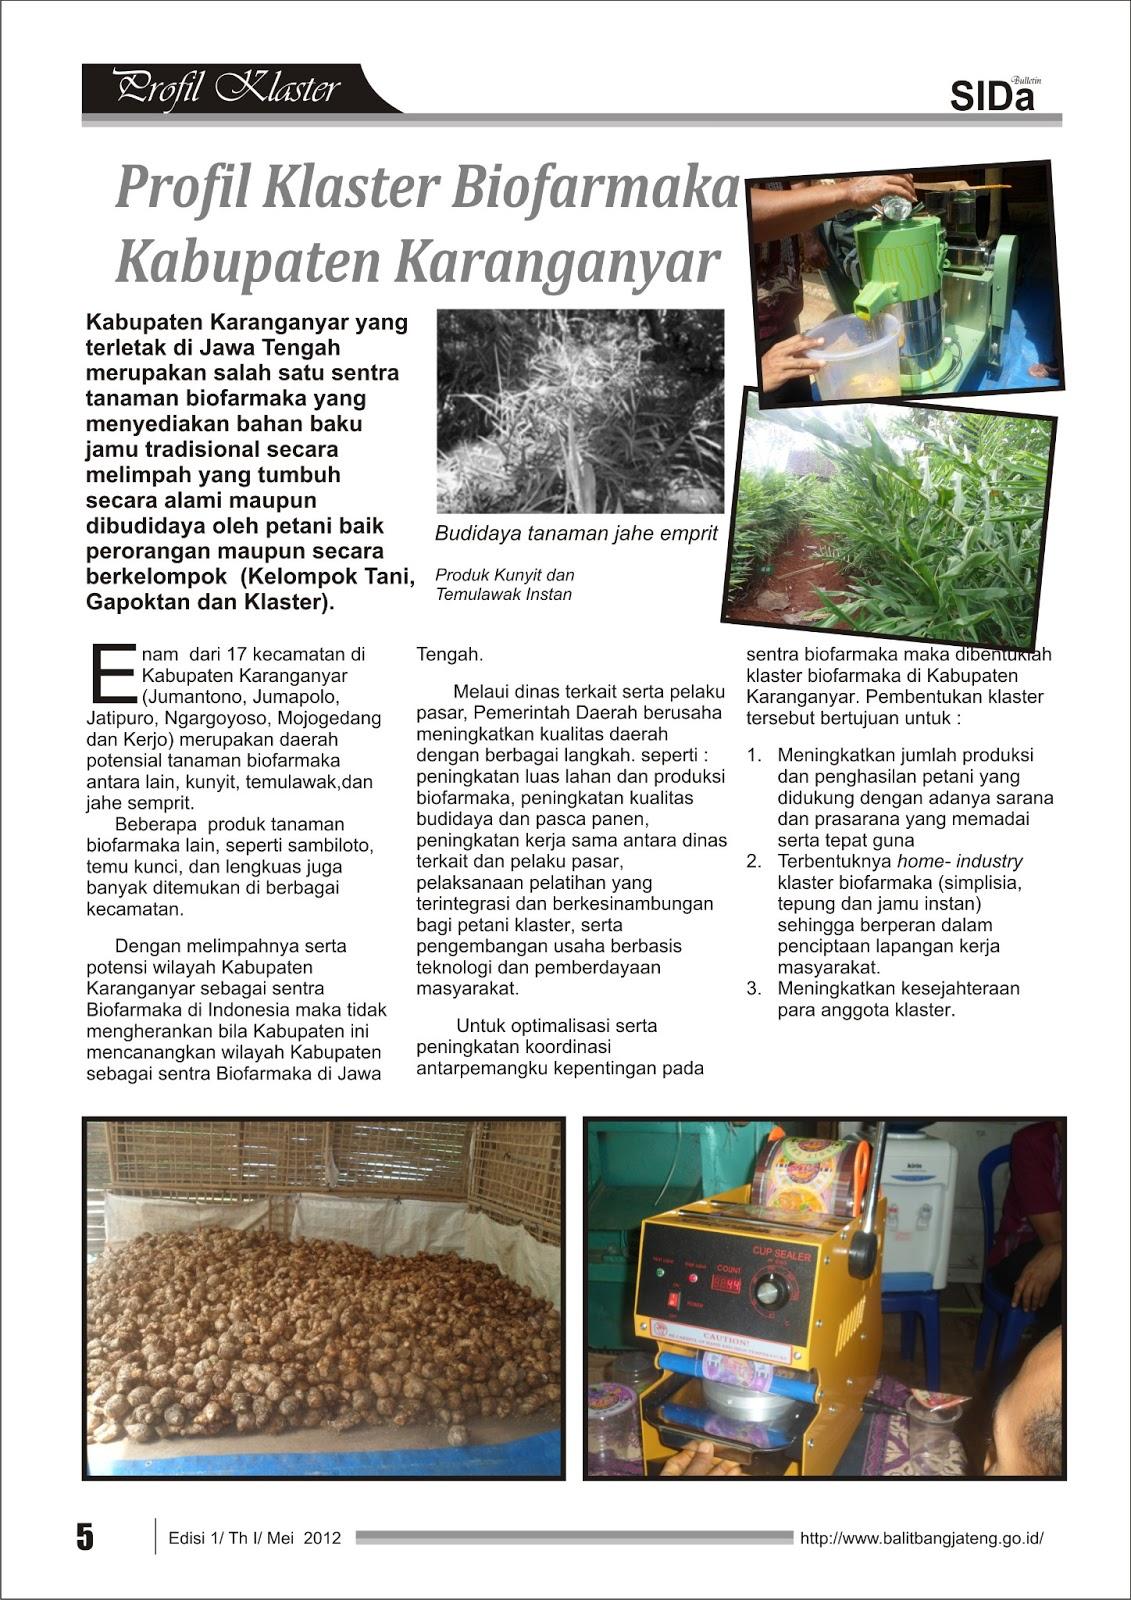 Klaster Umkm Produk Ukm Bumn Batik Parang Kembang Diposting 2nd April 2013 Oleh